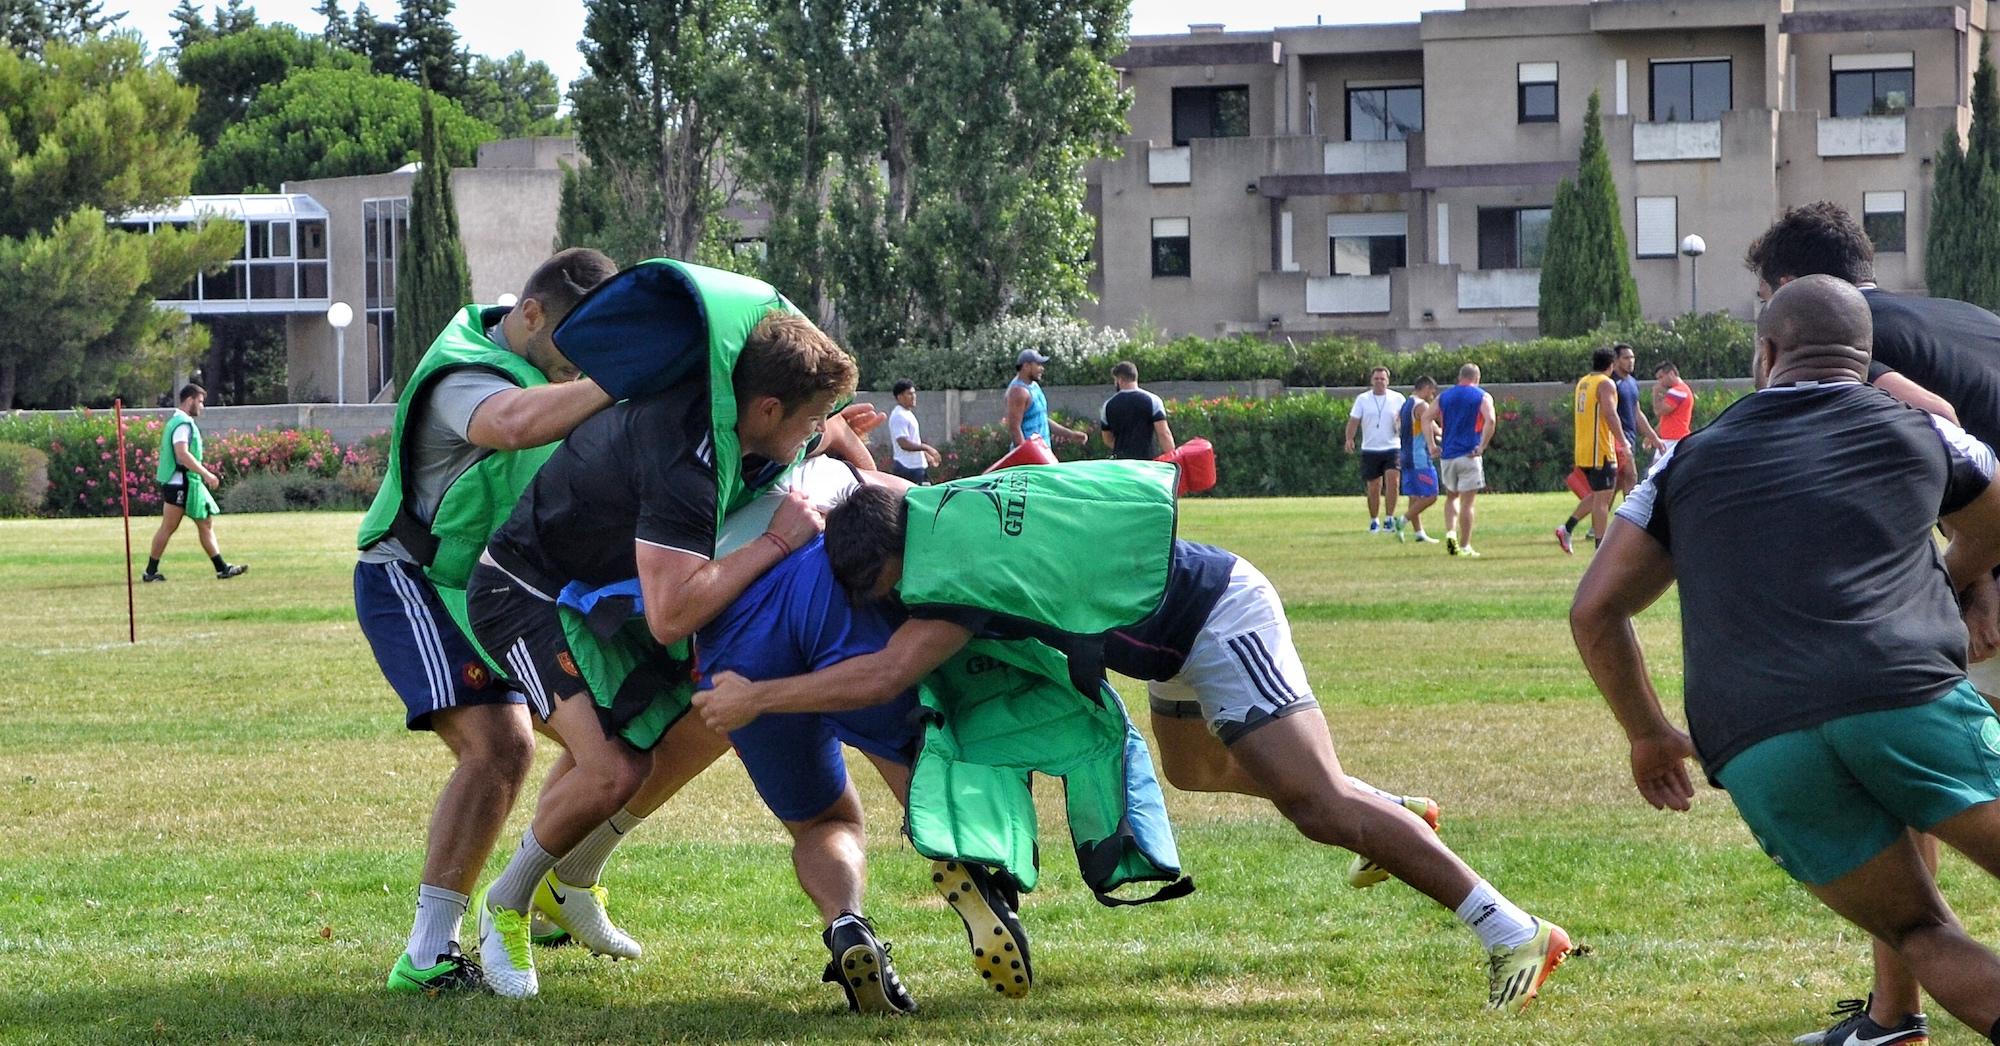 Planning des entraînements semaine du match face à Montauban